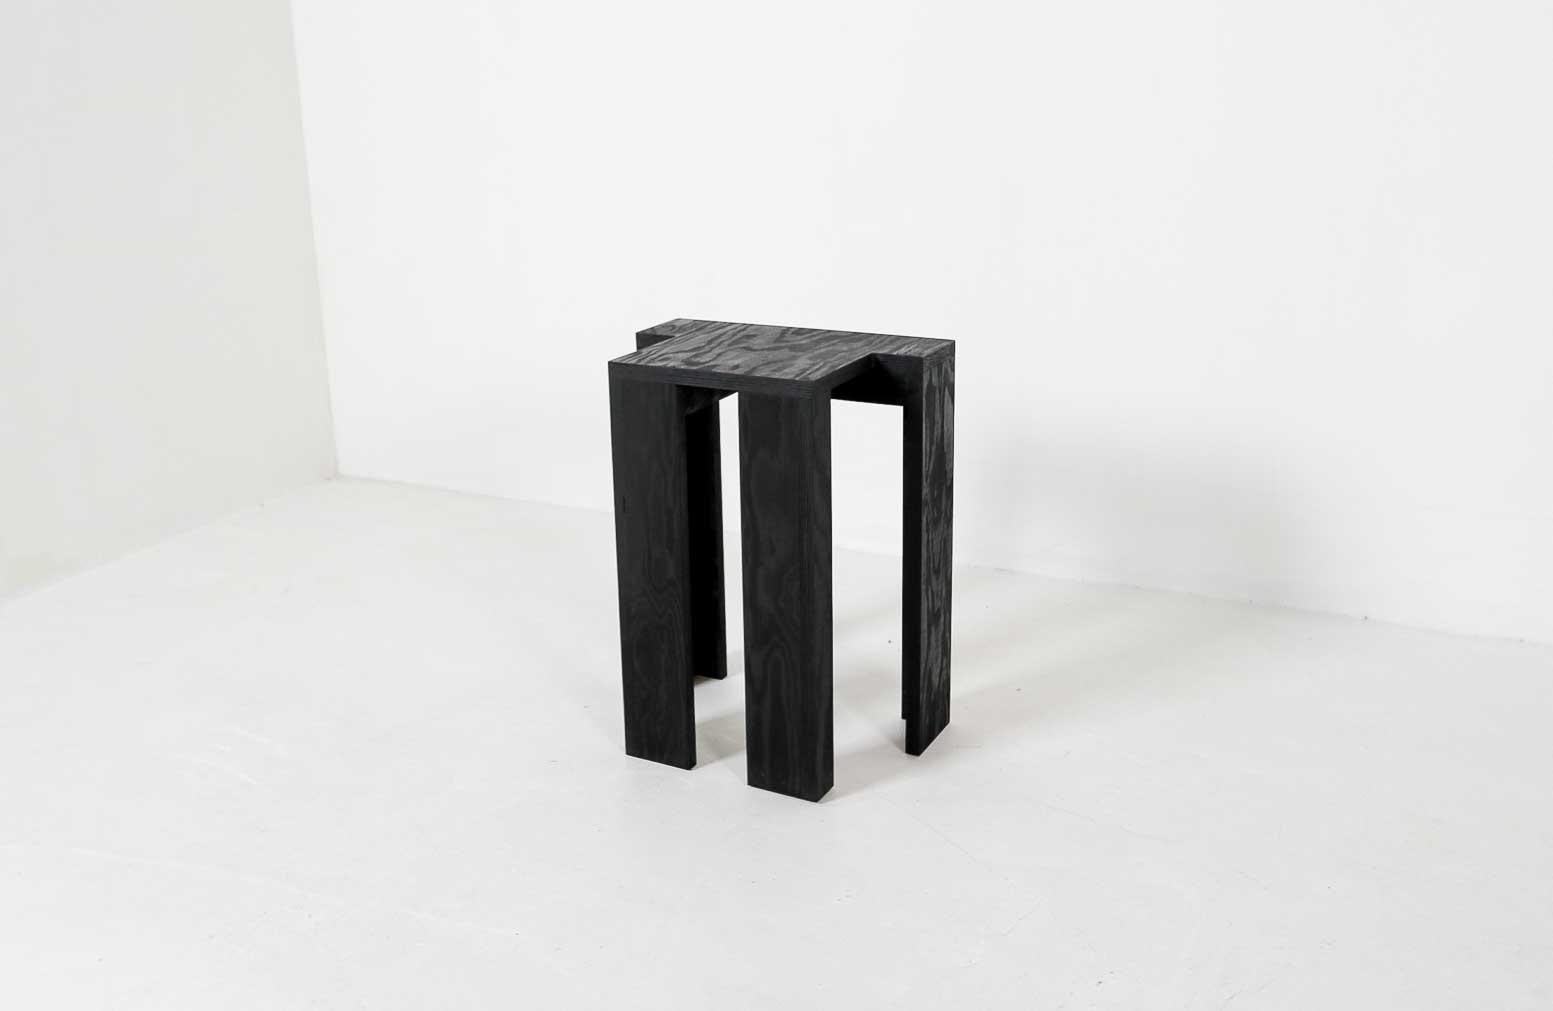 Stackable stools by Bram Vanderbekethumbnail